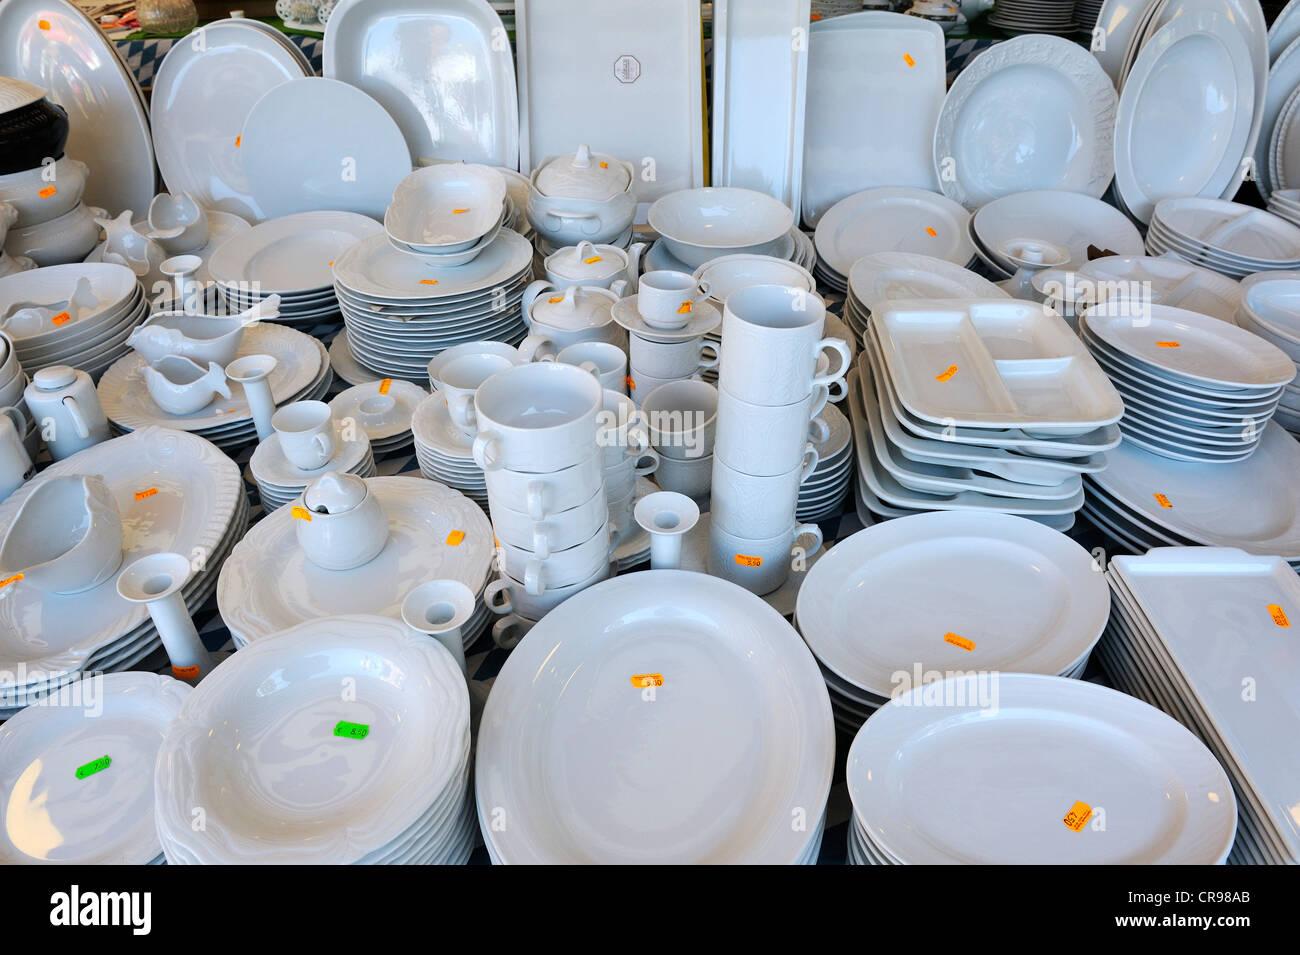 White crockery, Auer Dult market, Munich, Bavaria, Germany, Europe - Stock Image